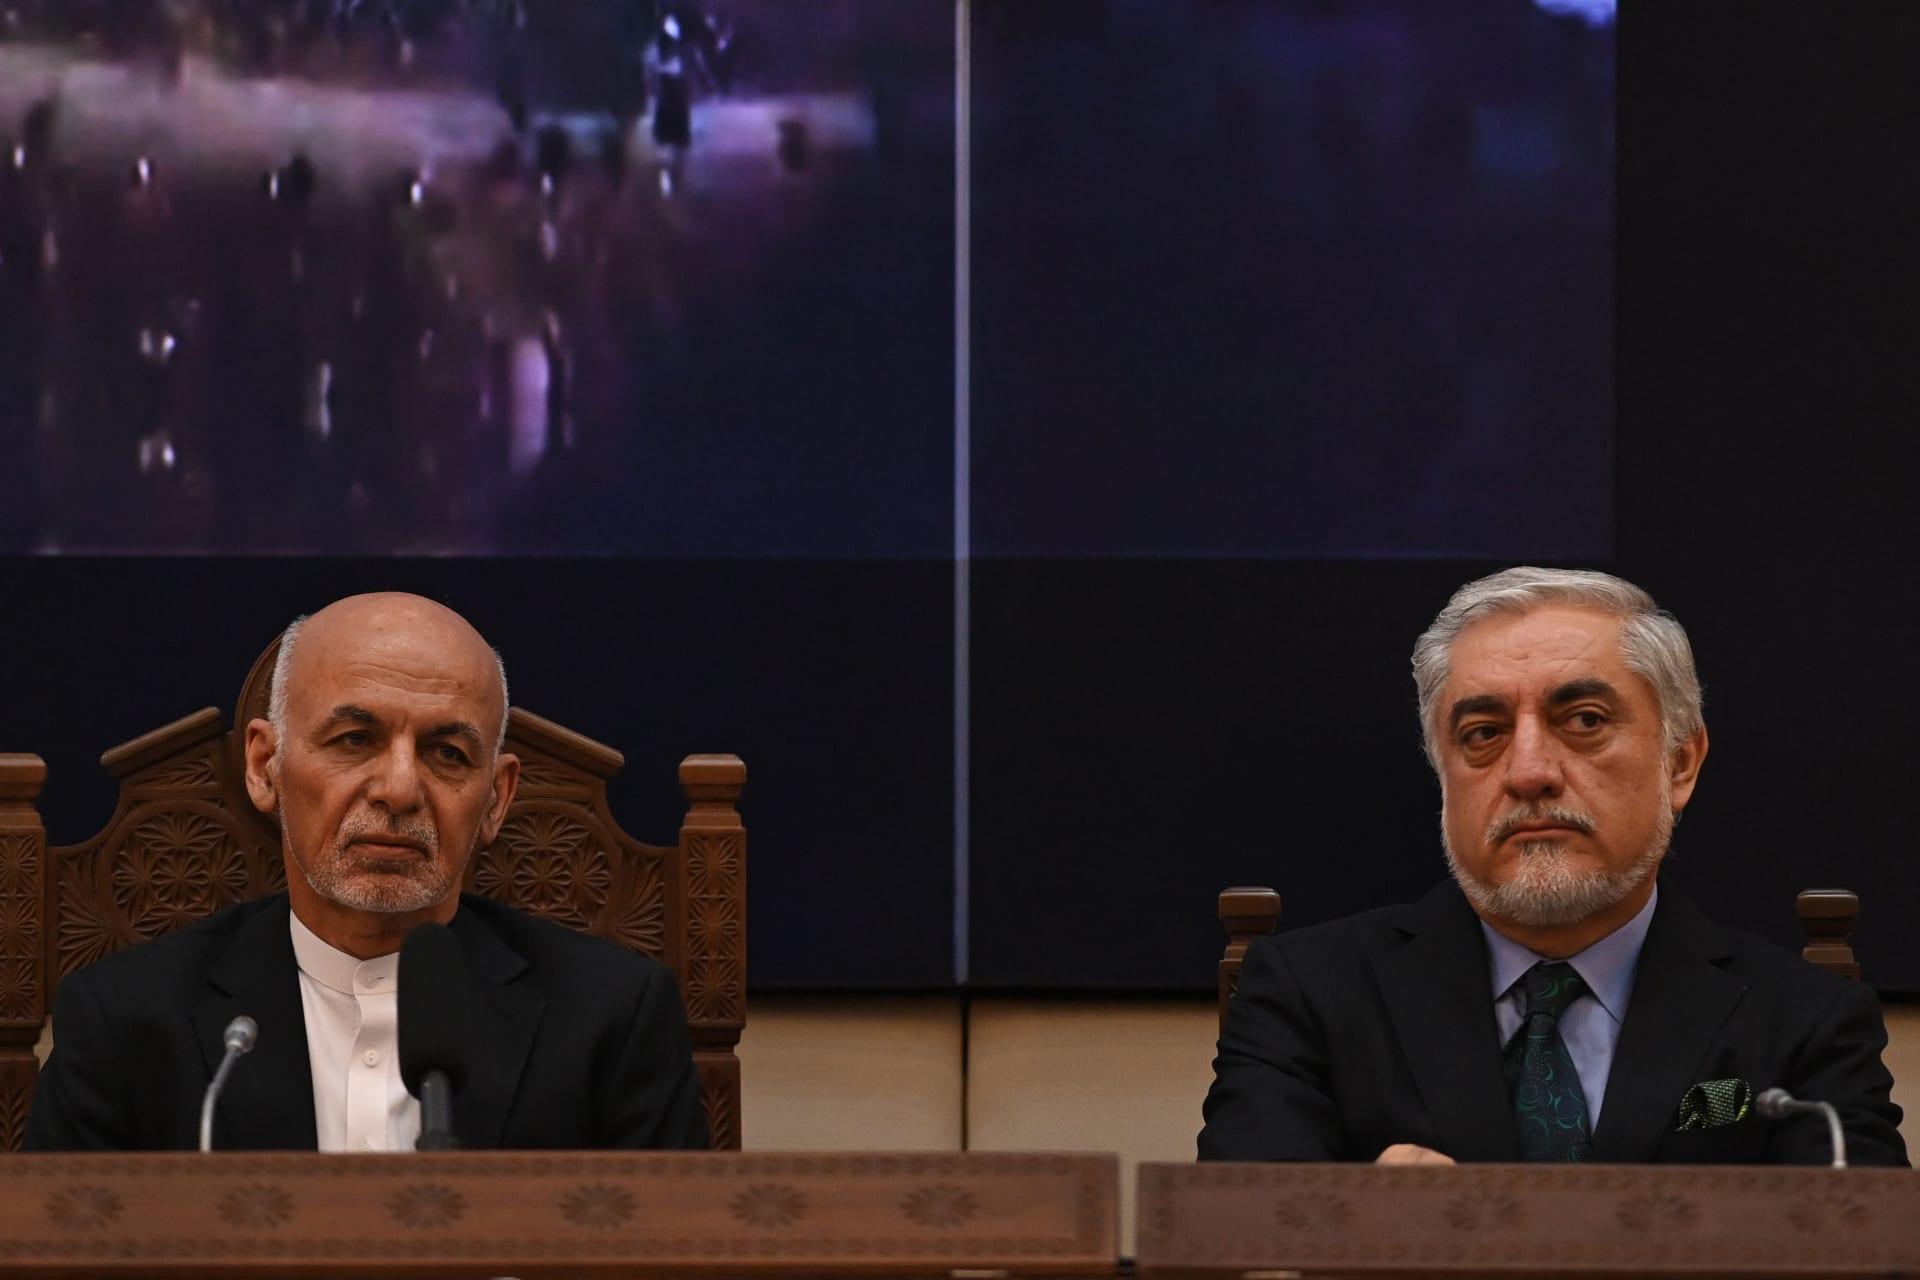 الرئيس الأفغاني أشرف غني (إلى اليسار) مع رئيس المجلس الأعلى للمصالحة الوطنية عبد الله عبد الله يحضران اجتماع المجلس المشترك للتنسيق والمراقبة (JCMB) في القصر الرئاسي الأفغاني في كابول، 28 يوليو 2021